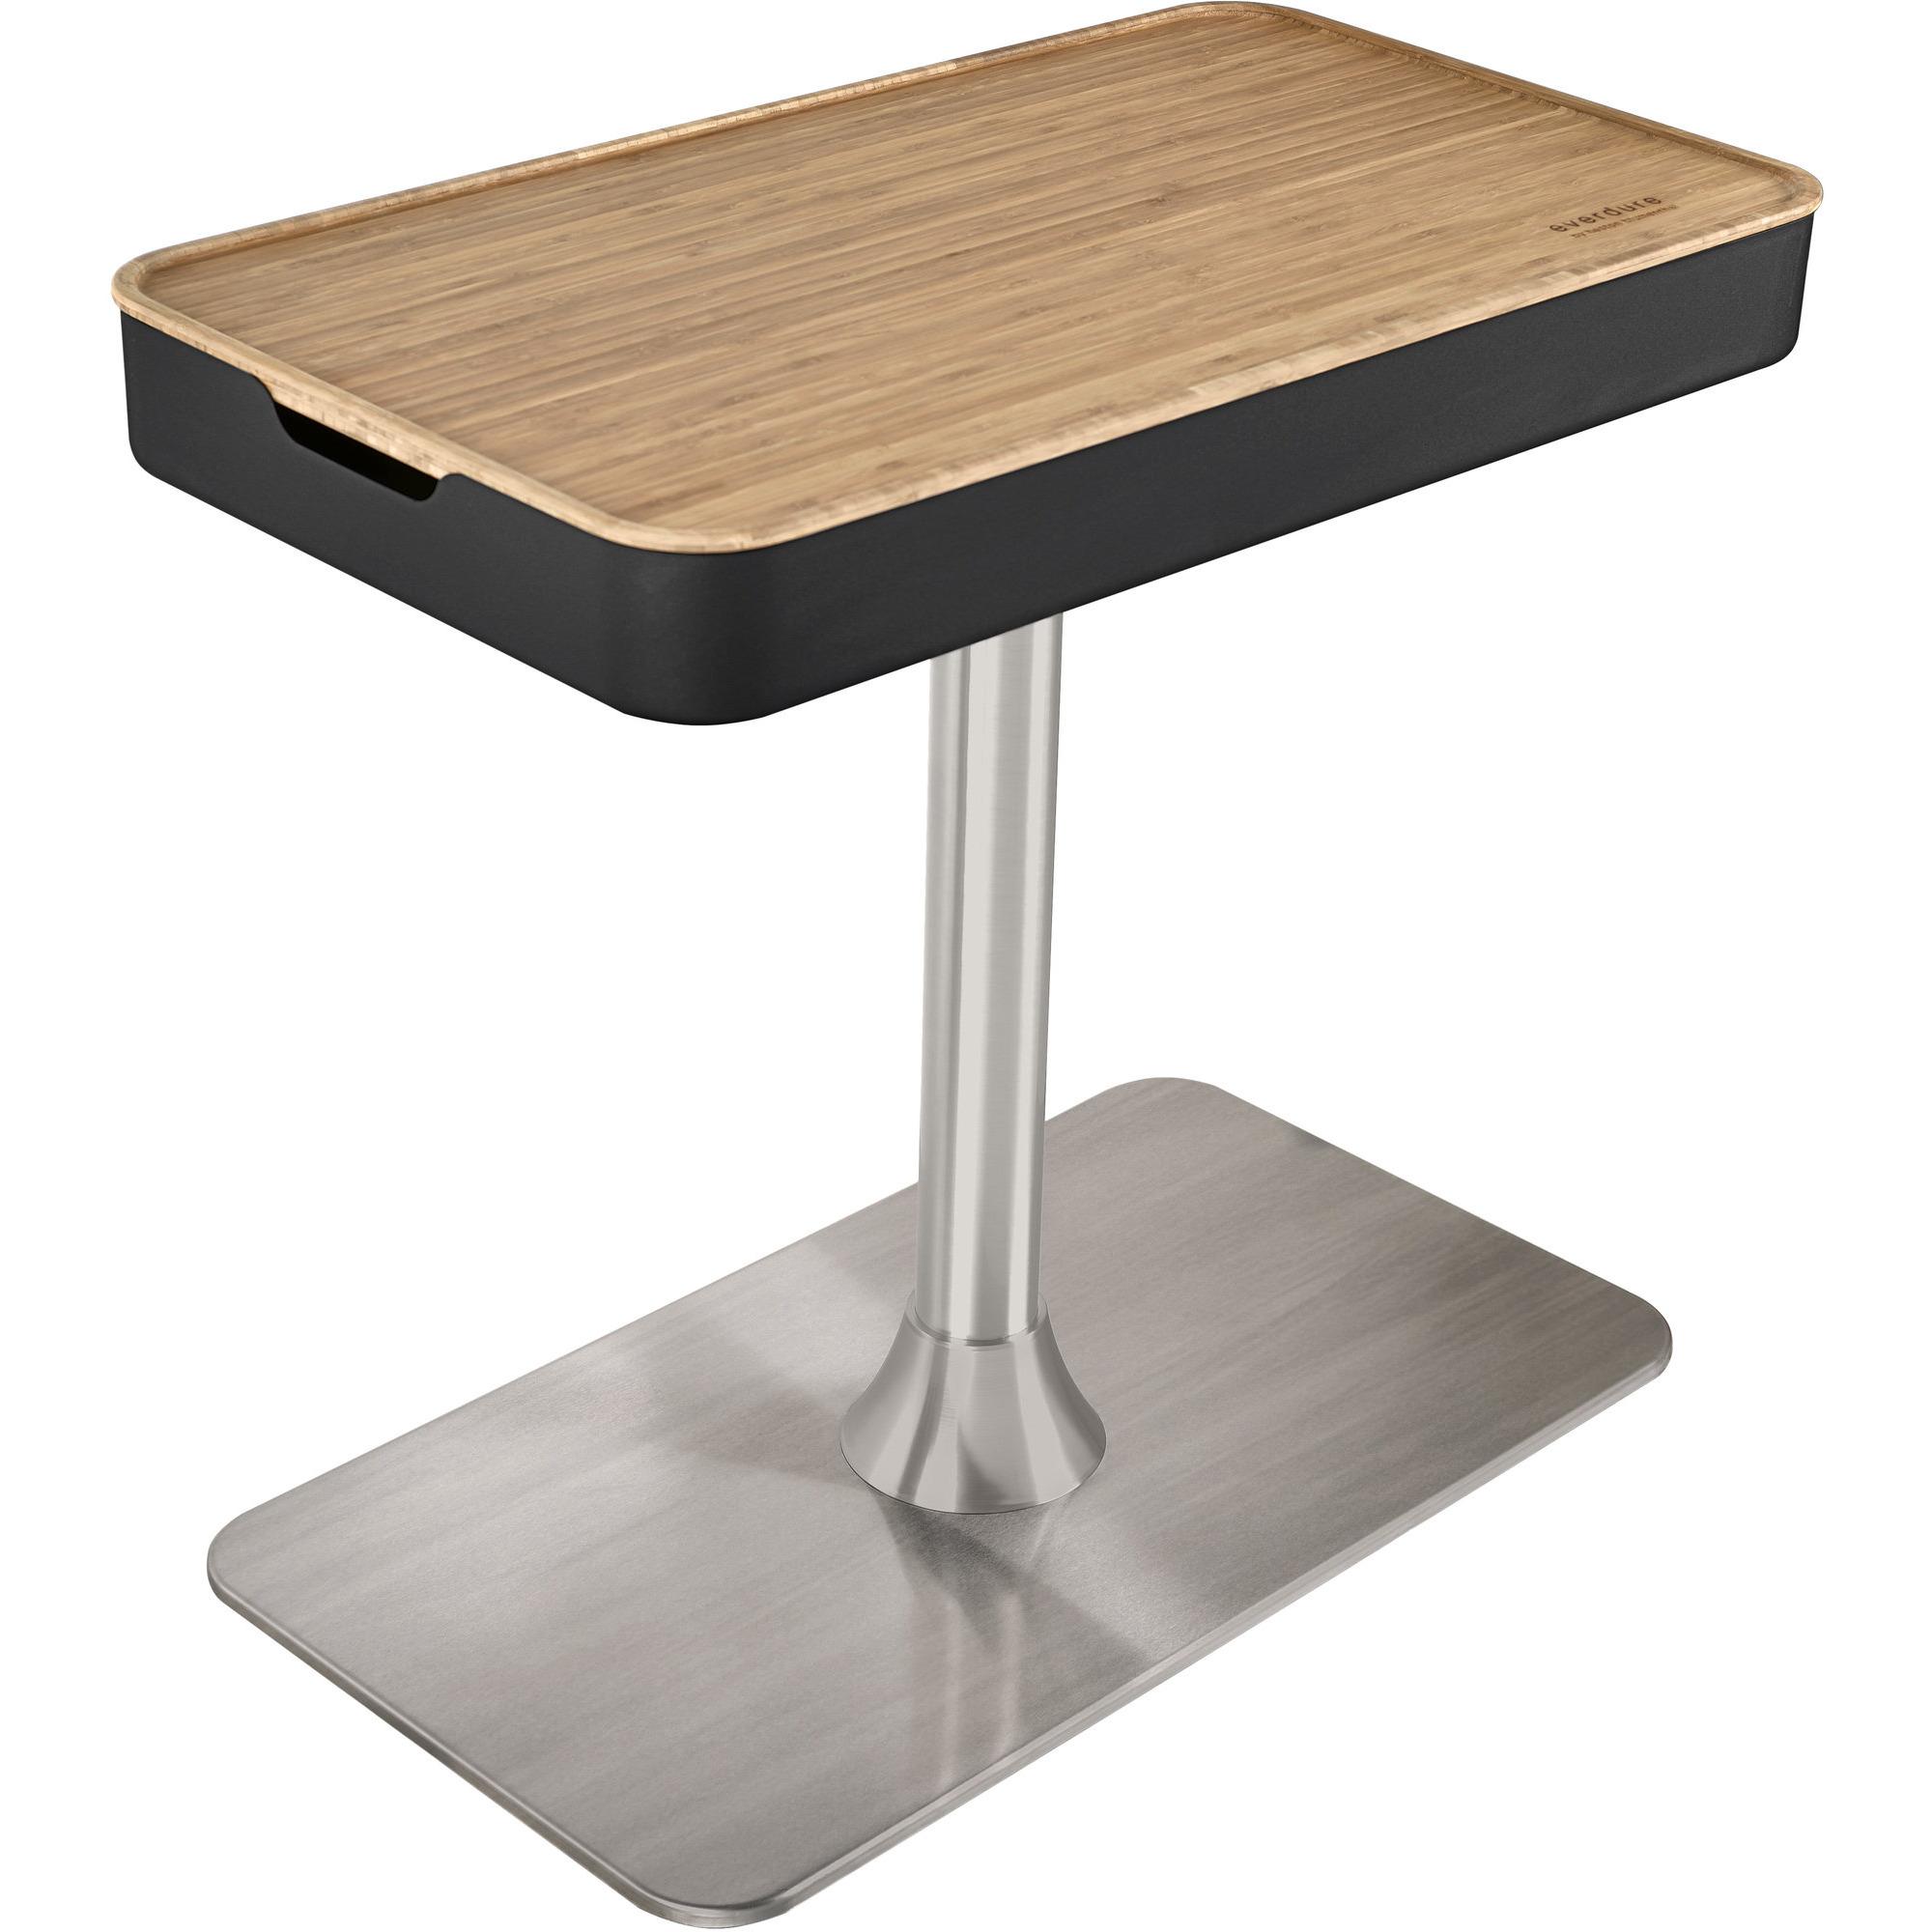 Bambus bordplade fra Everdure » Praktisk bordplade til grill